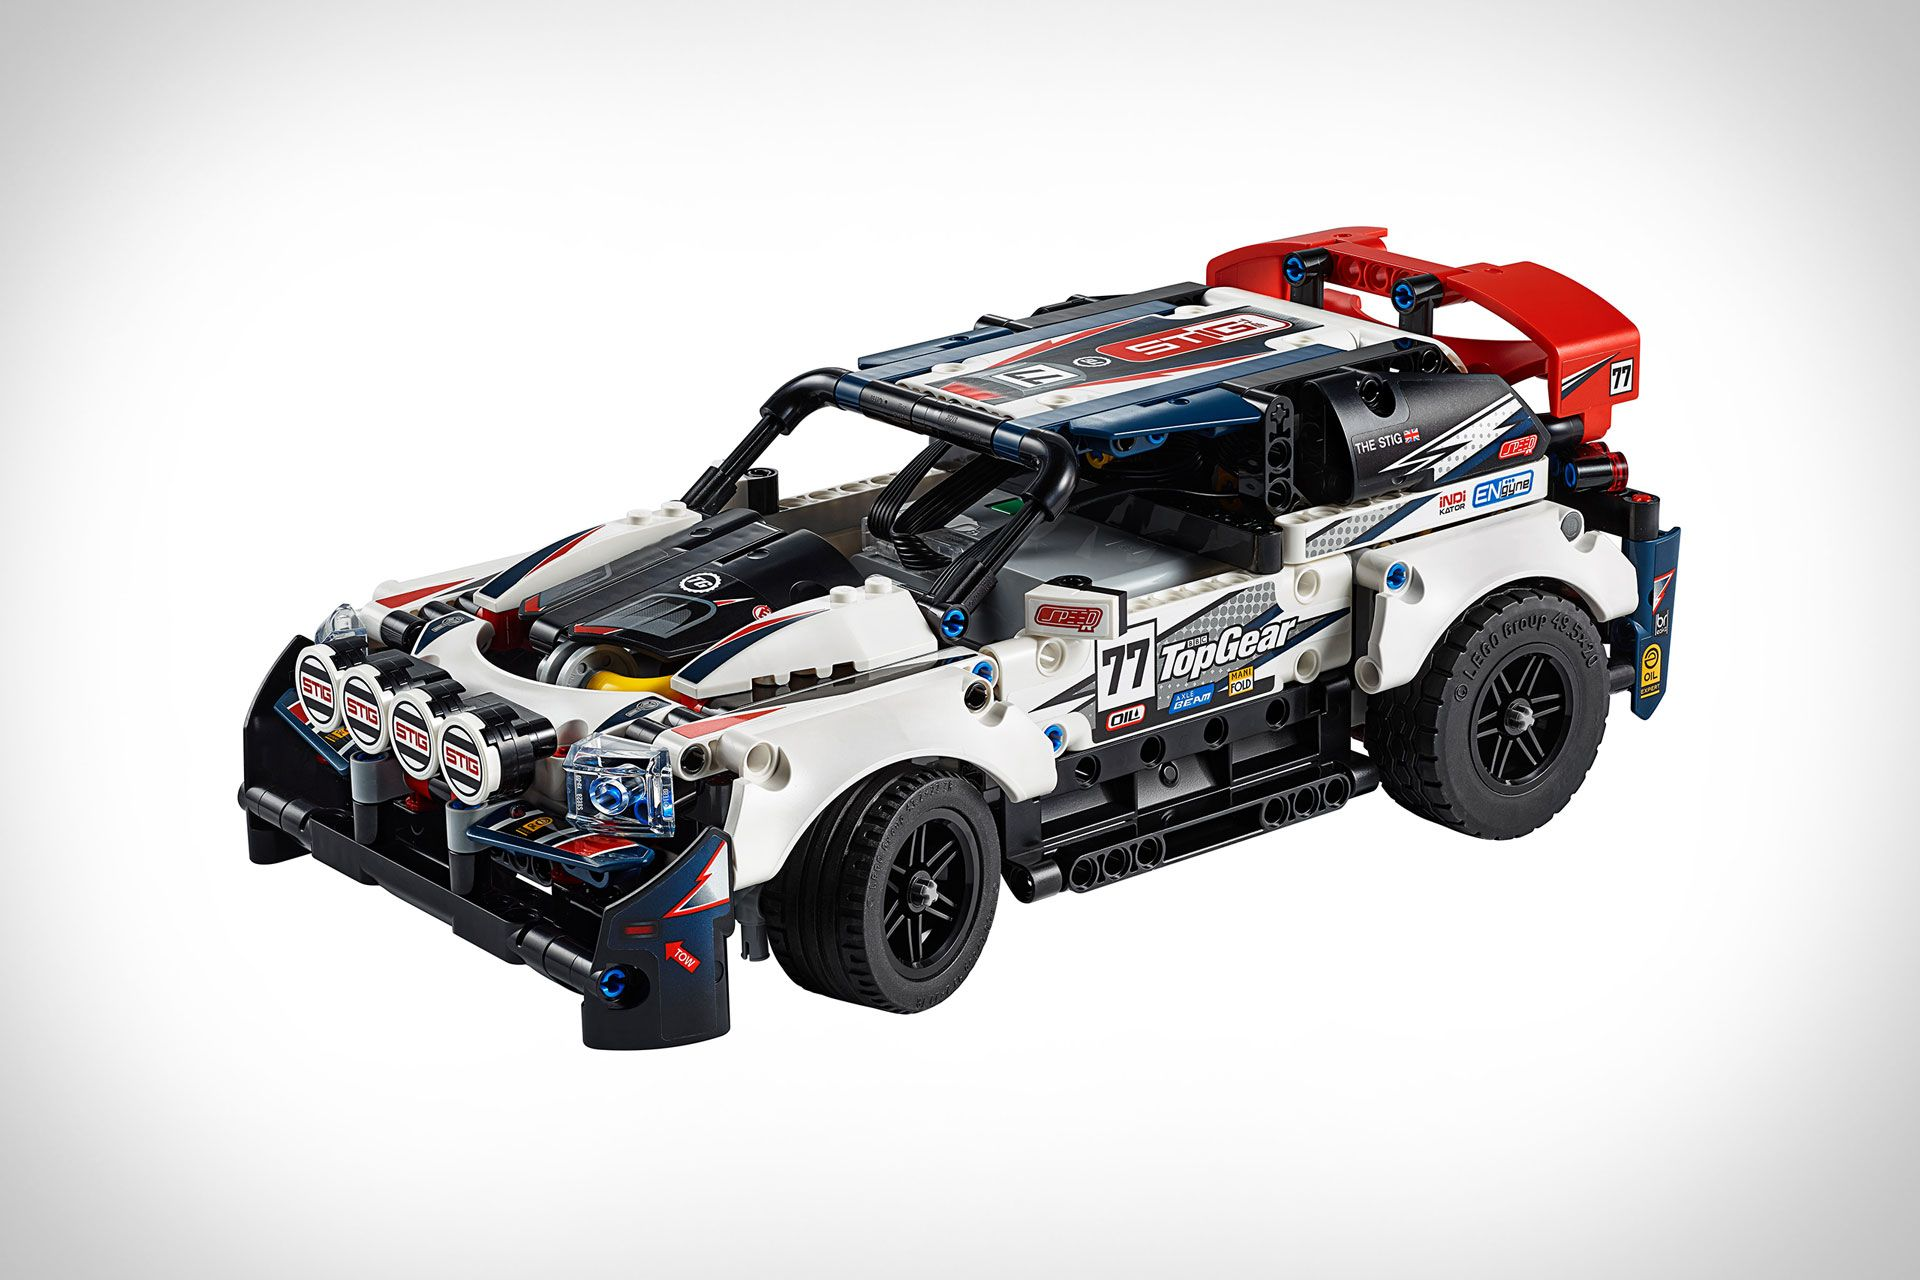 Lego Technic Top Gear Rally Car Rally auto, Top gear